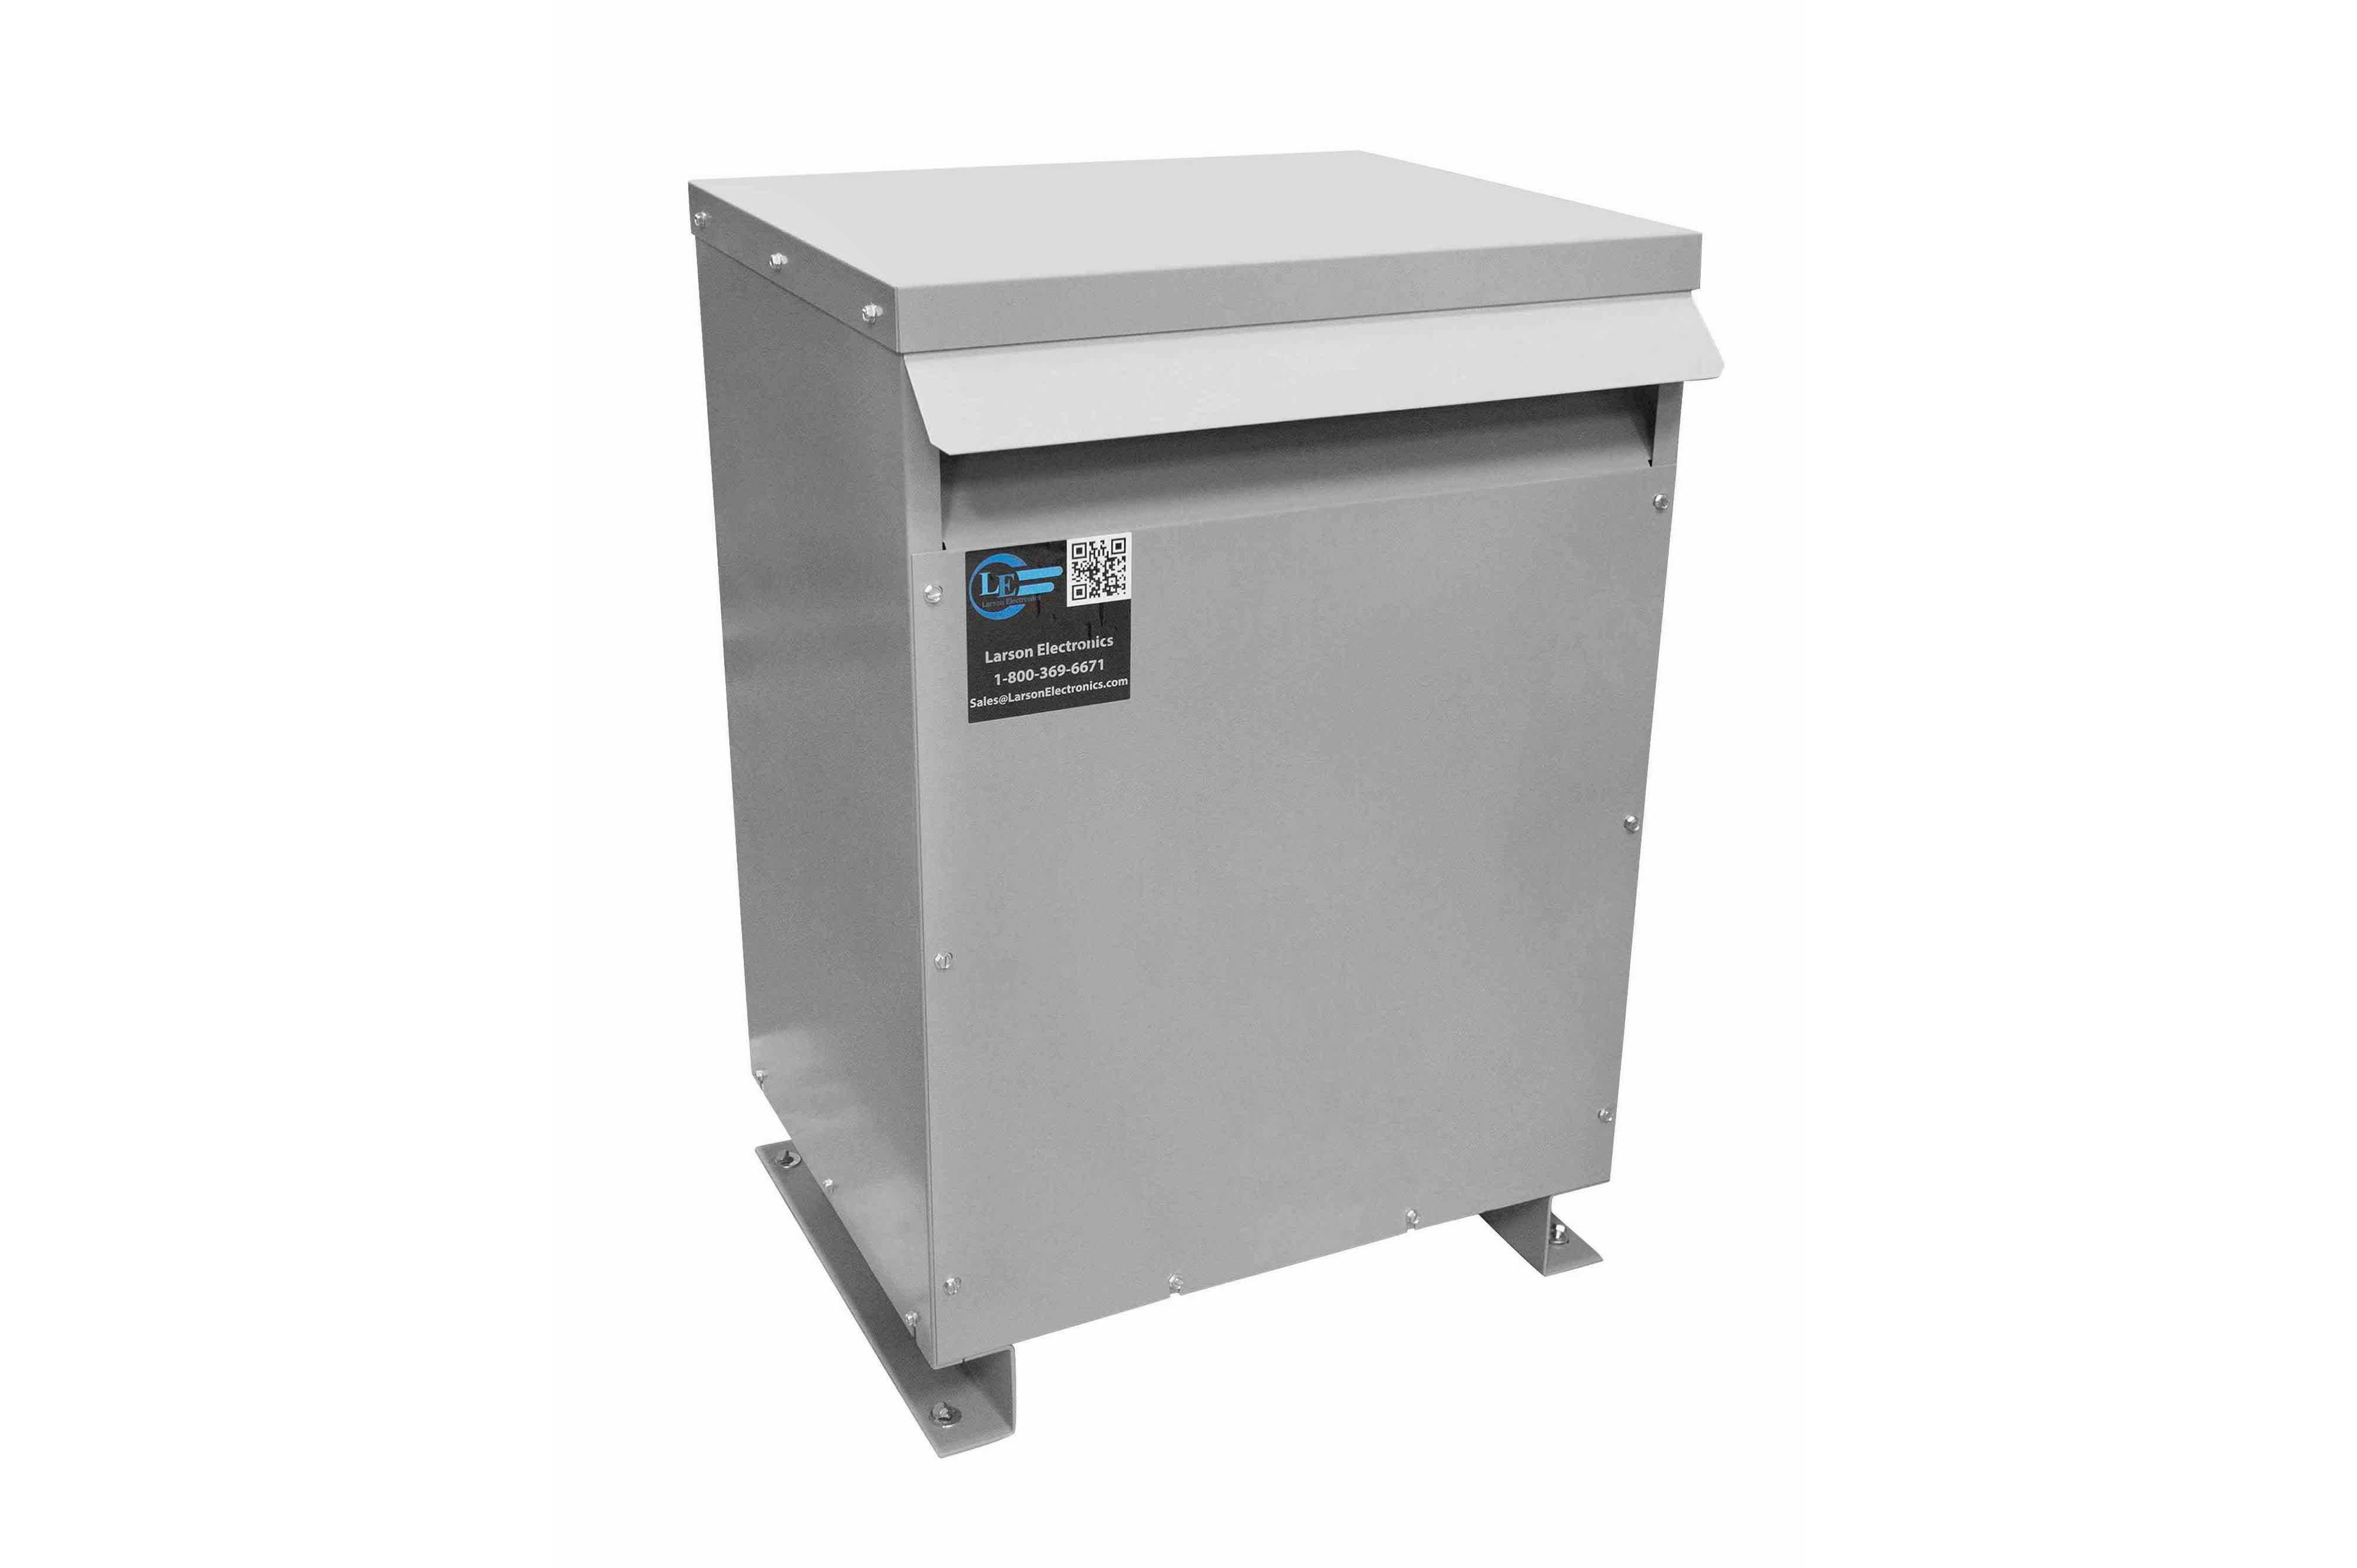 115 kVA 3PH Isolation Transformer, 460V Delta Primary, 380V Delta Secondary, N3R, Ventilated, 60 Hz